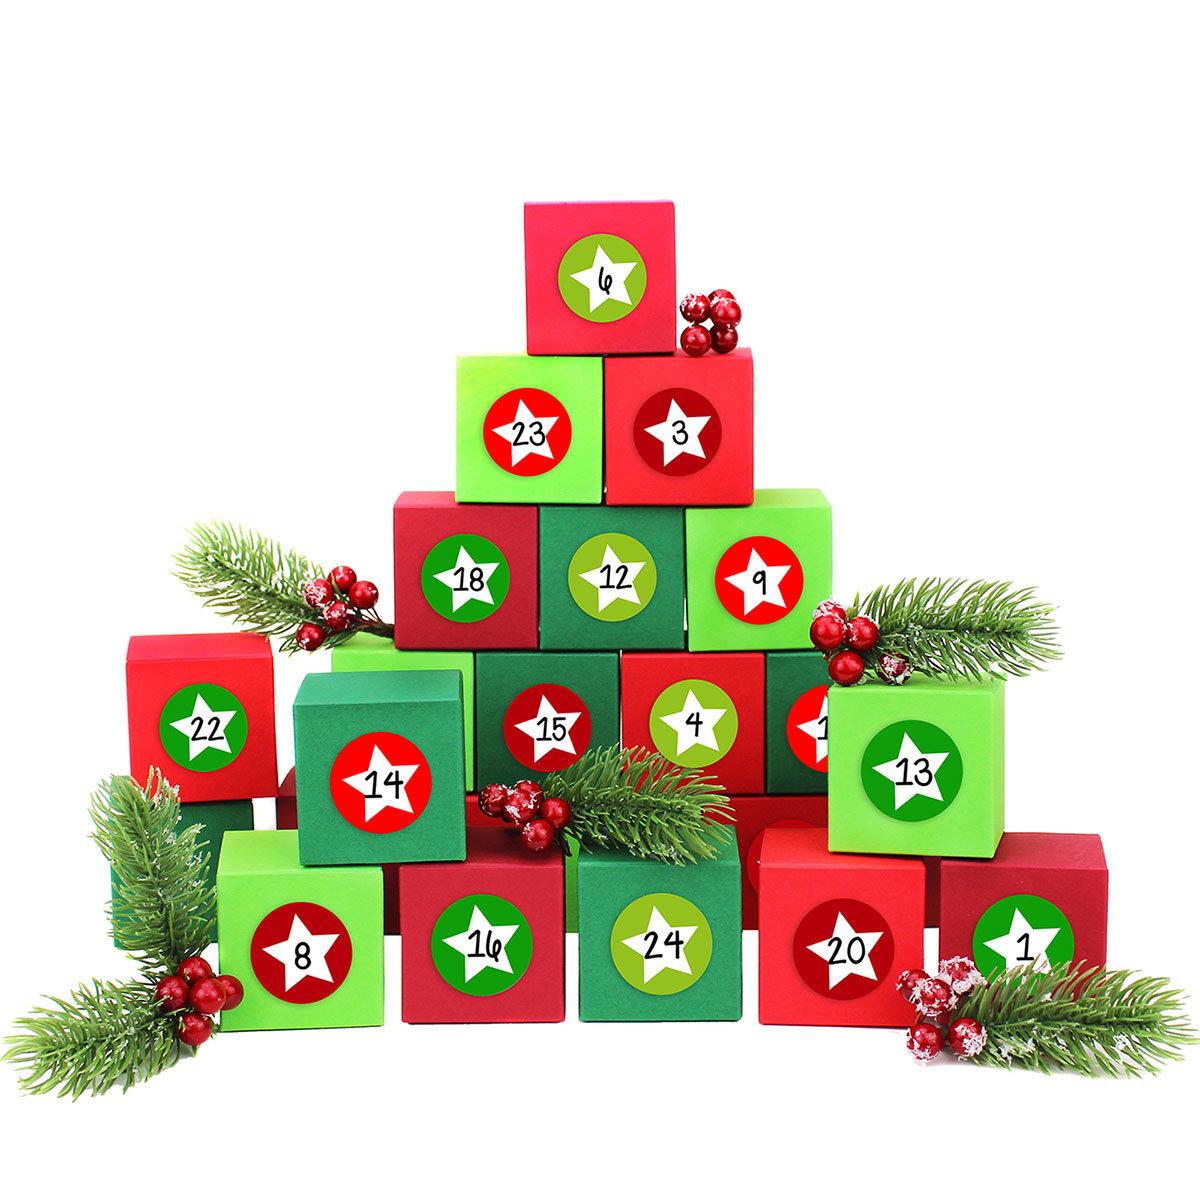 24 adventskalender kisten mit zahlenaufklebern zum selber bef llen 24 bunte schachteln zum. Black Bedroom Furniture Sets. Home Design Ideas